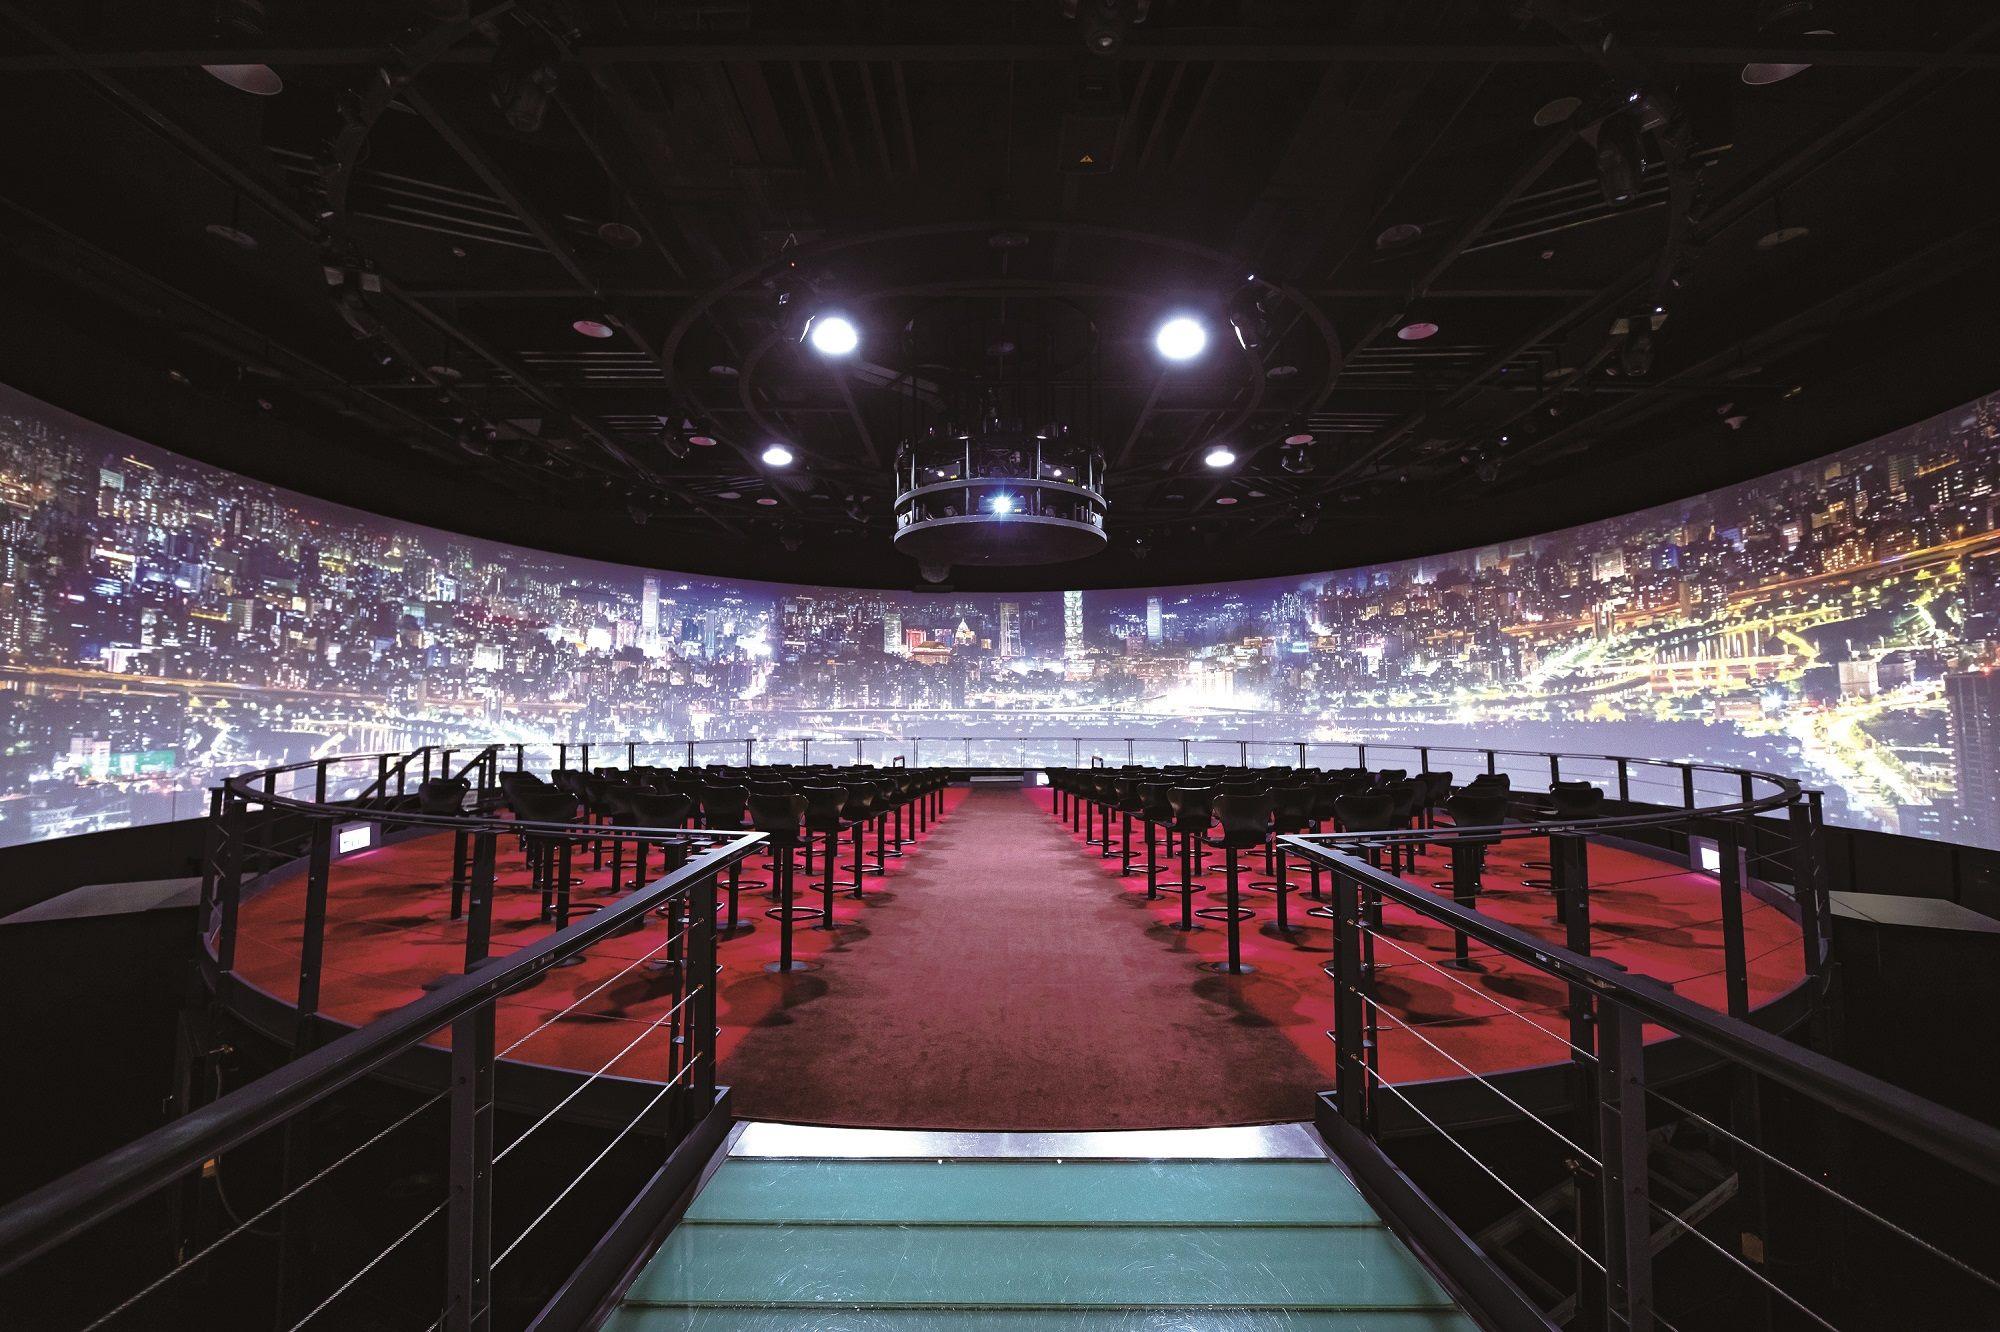 發現劇場360度環形螢幕及旋轉平台,讓觀眾身歷其境體驗夜台北生活。